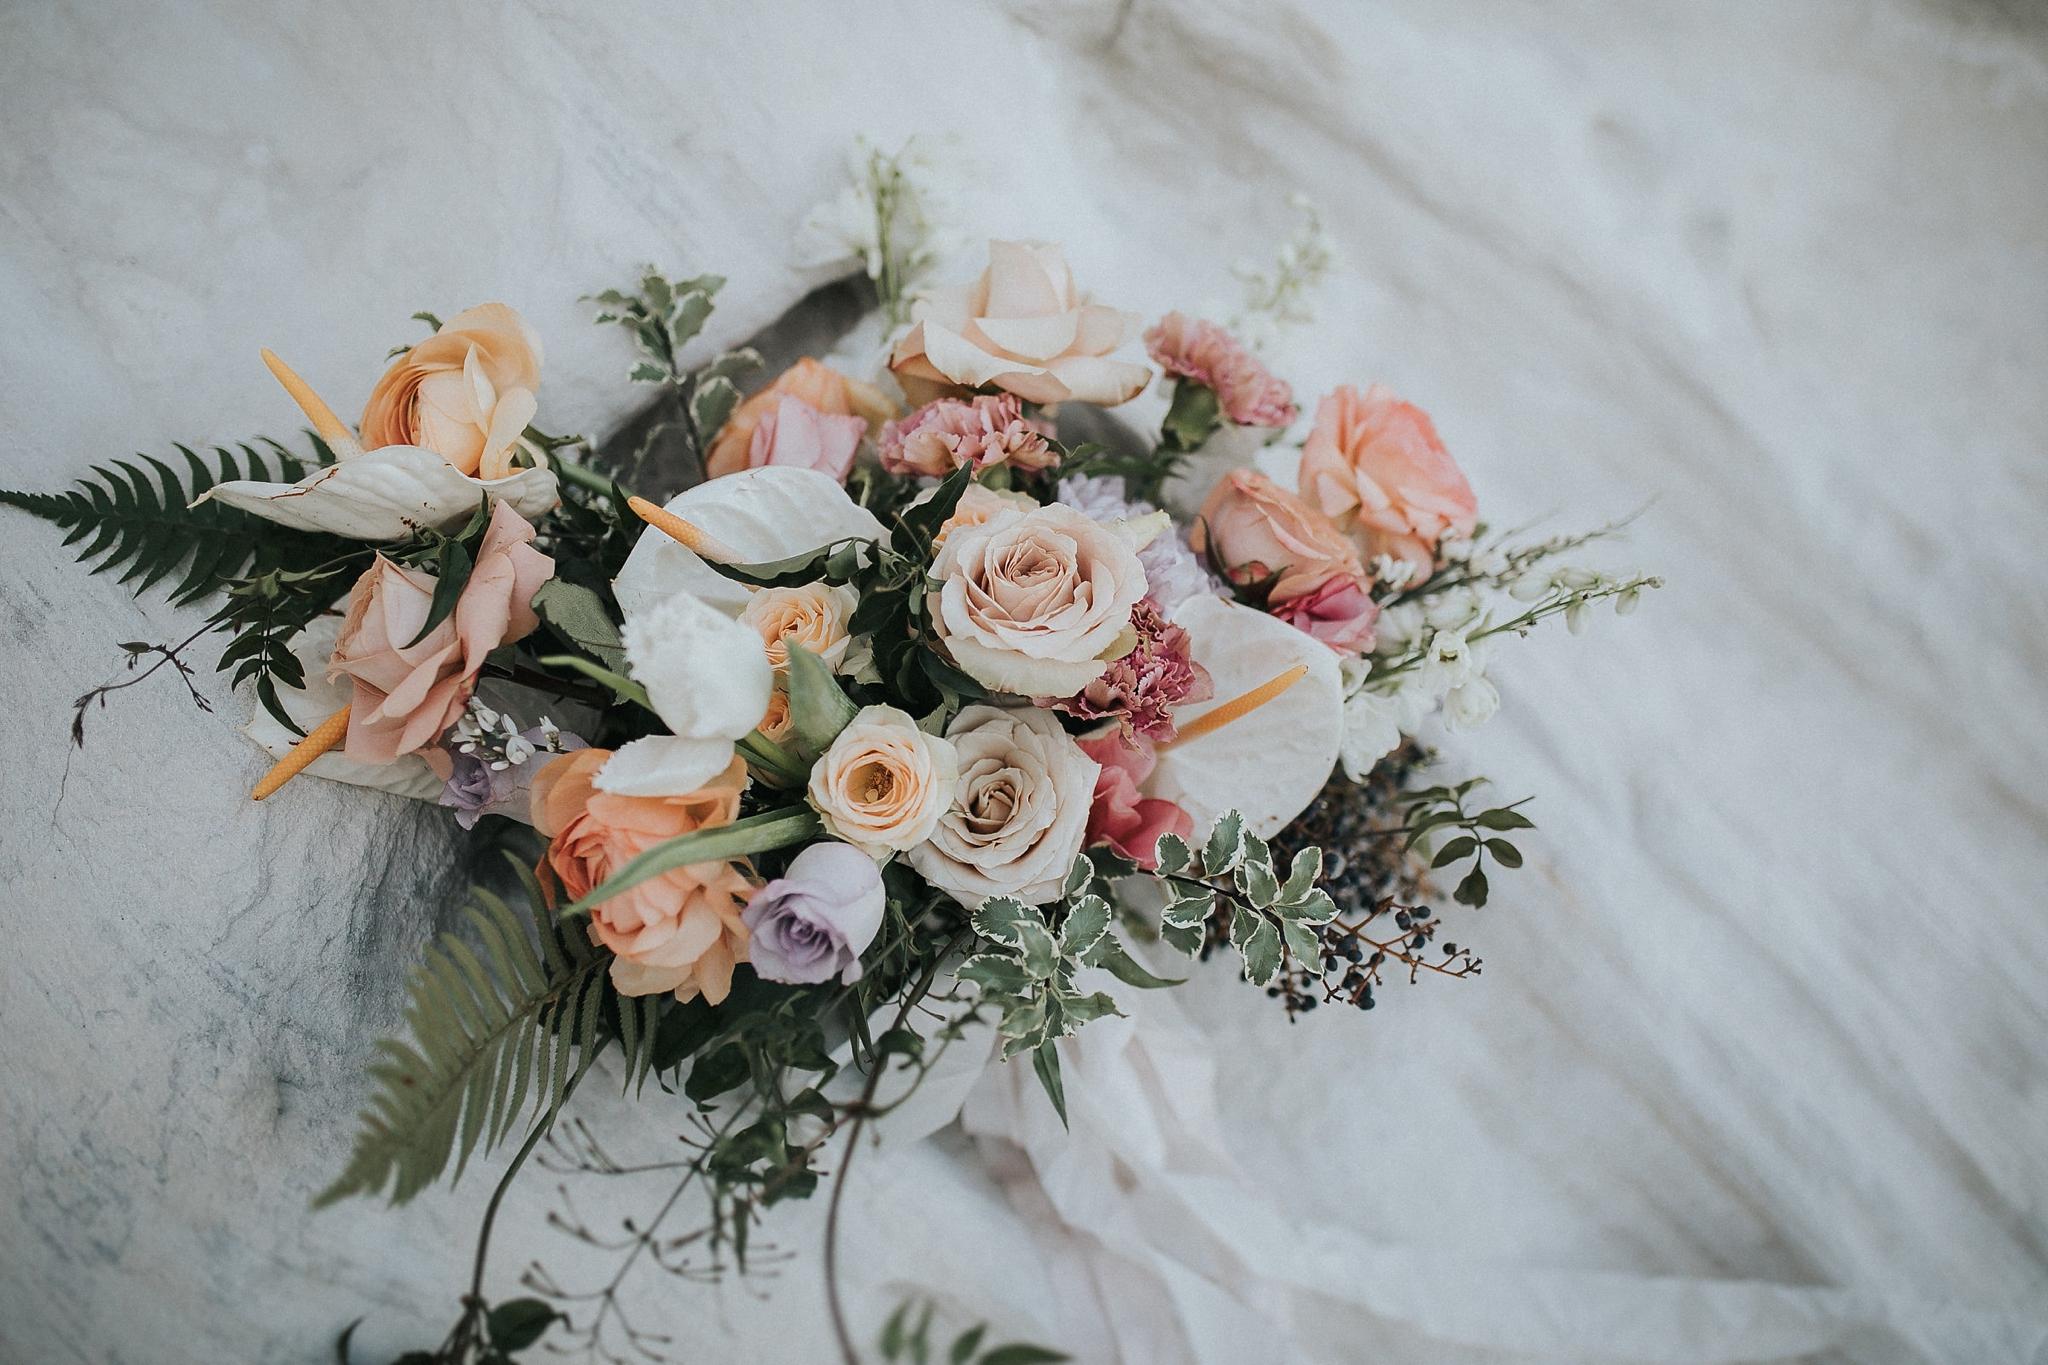 Alicia+lucia+photography+-+albuquerque+wedding+photographer+-+santa+fe+wedding+photography+-+new+mexico+wedding+photographer+-+new+mexico+florist+-+wedding+florist+-+renegade+floral_0113.jpg